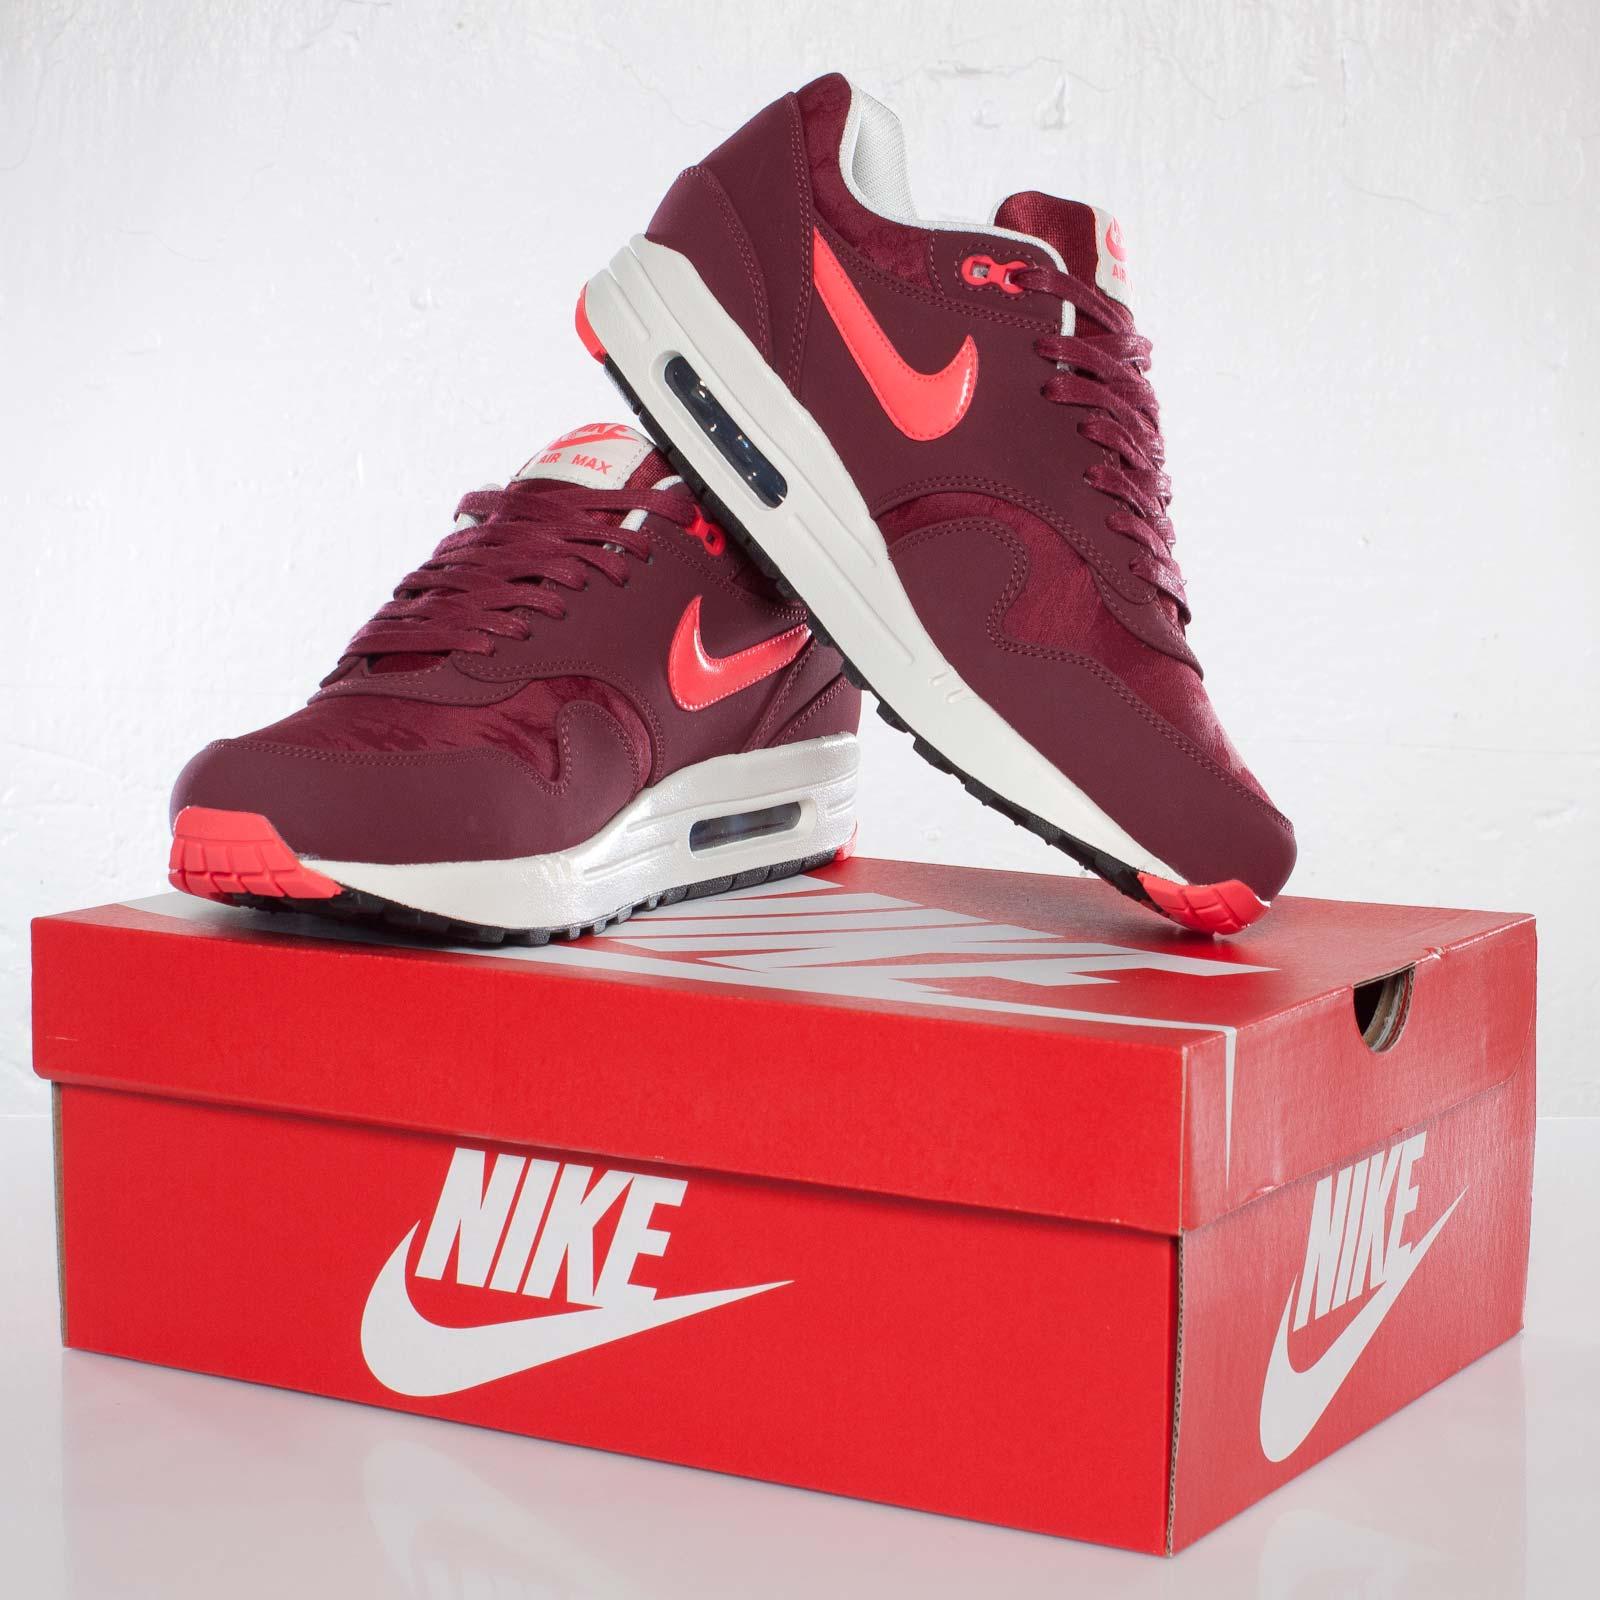 Nike Air Max 1 Red Atomic Air Max 1 Premium  1dbc2a69f